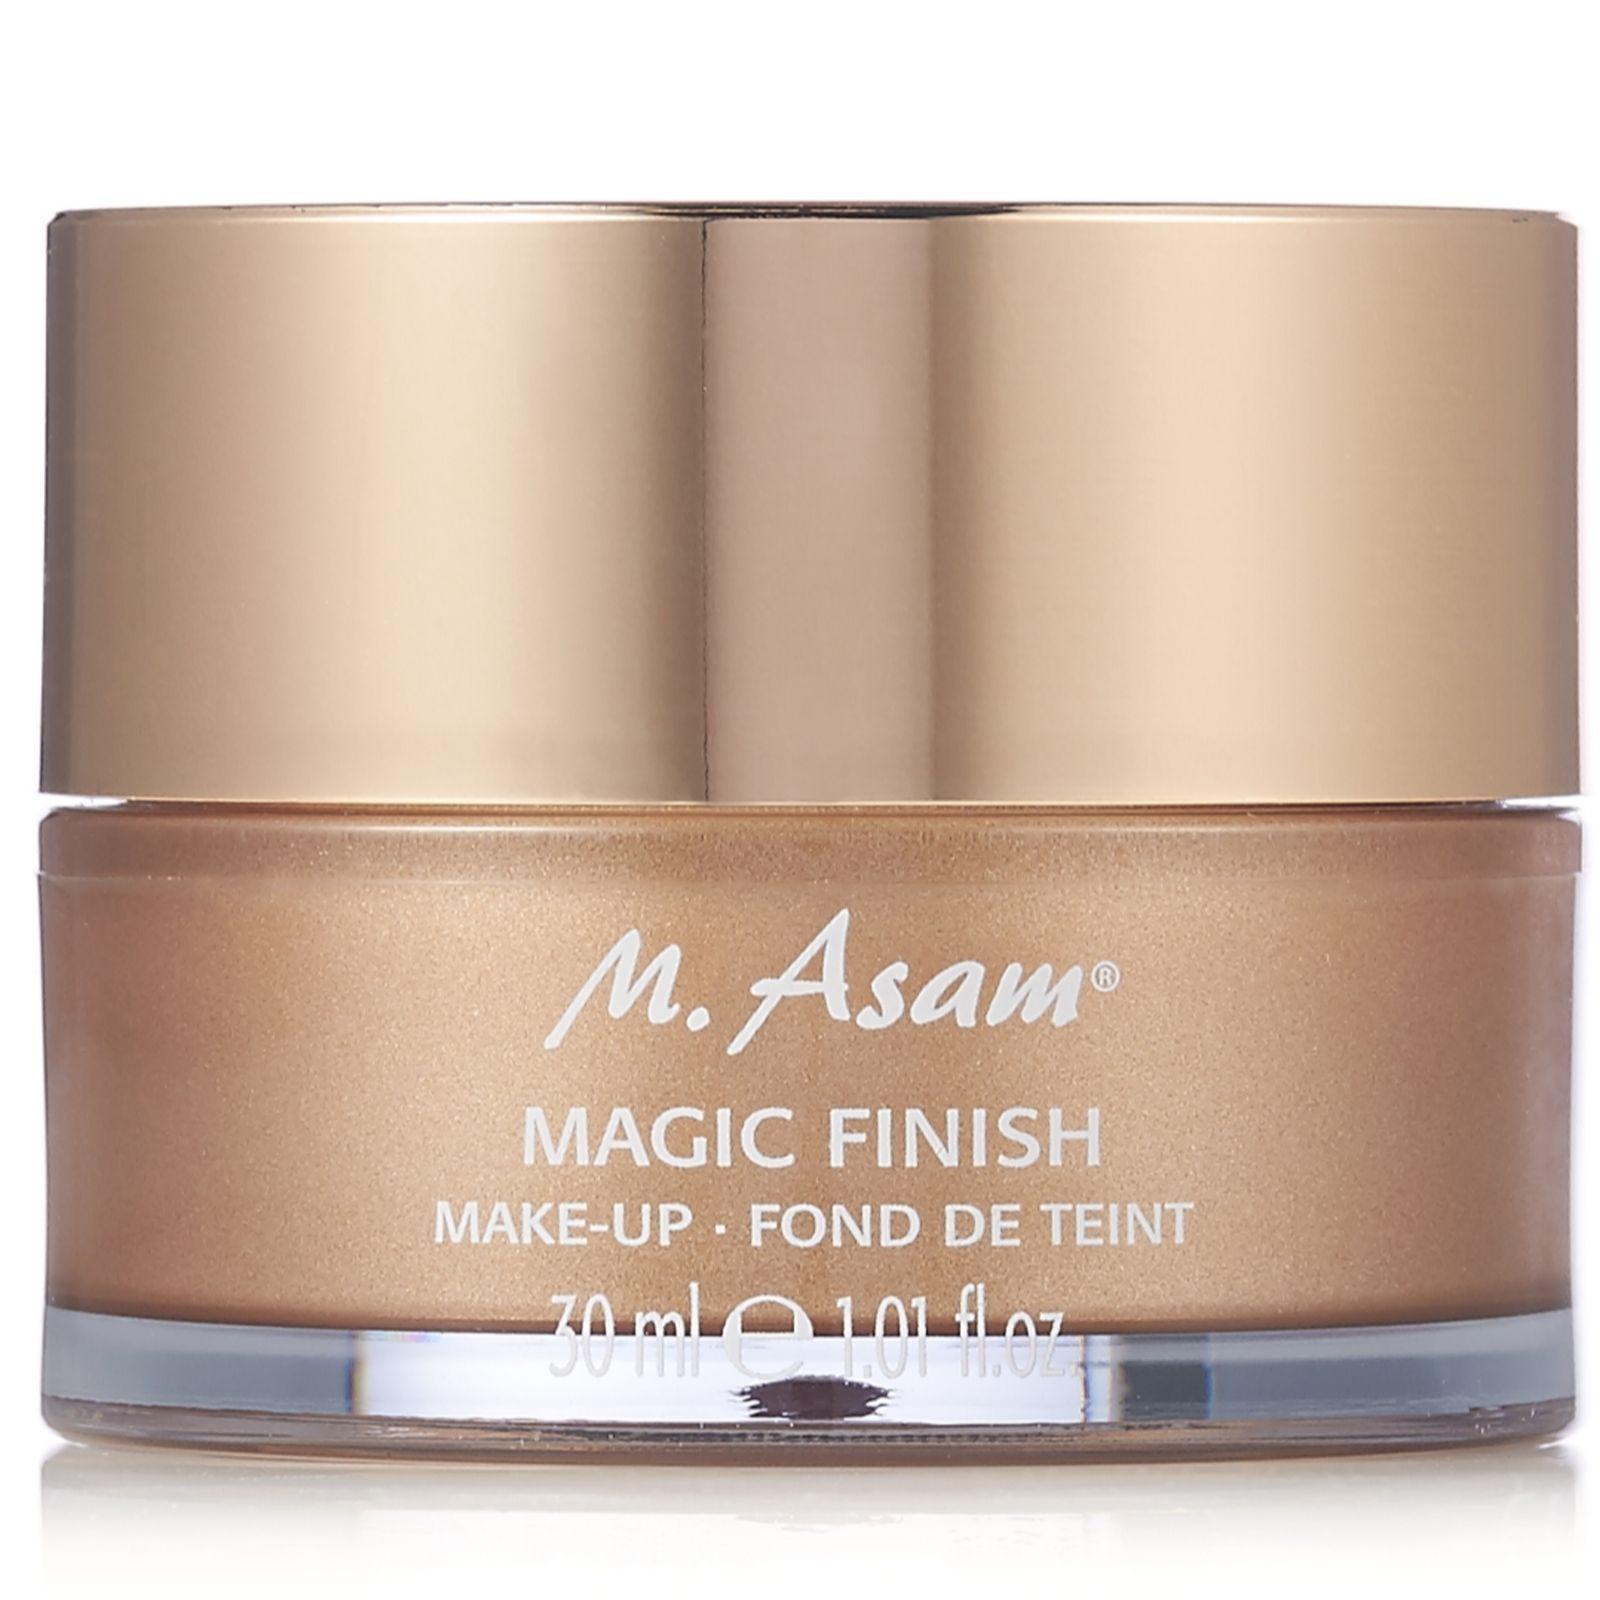 M. Asam Magic Finish Makeup Mousse 30ml QVC UK Makeup